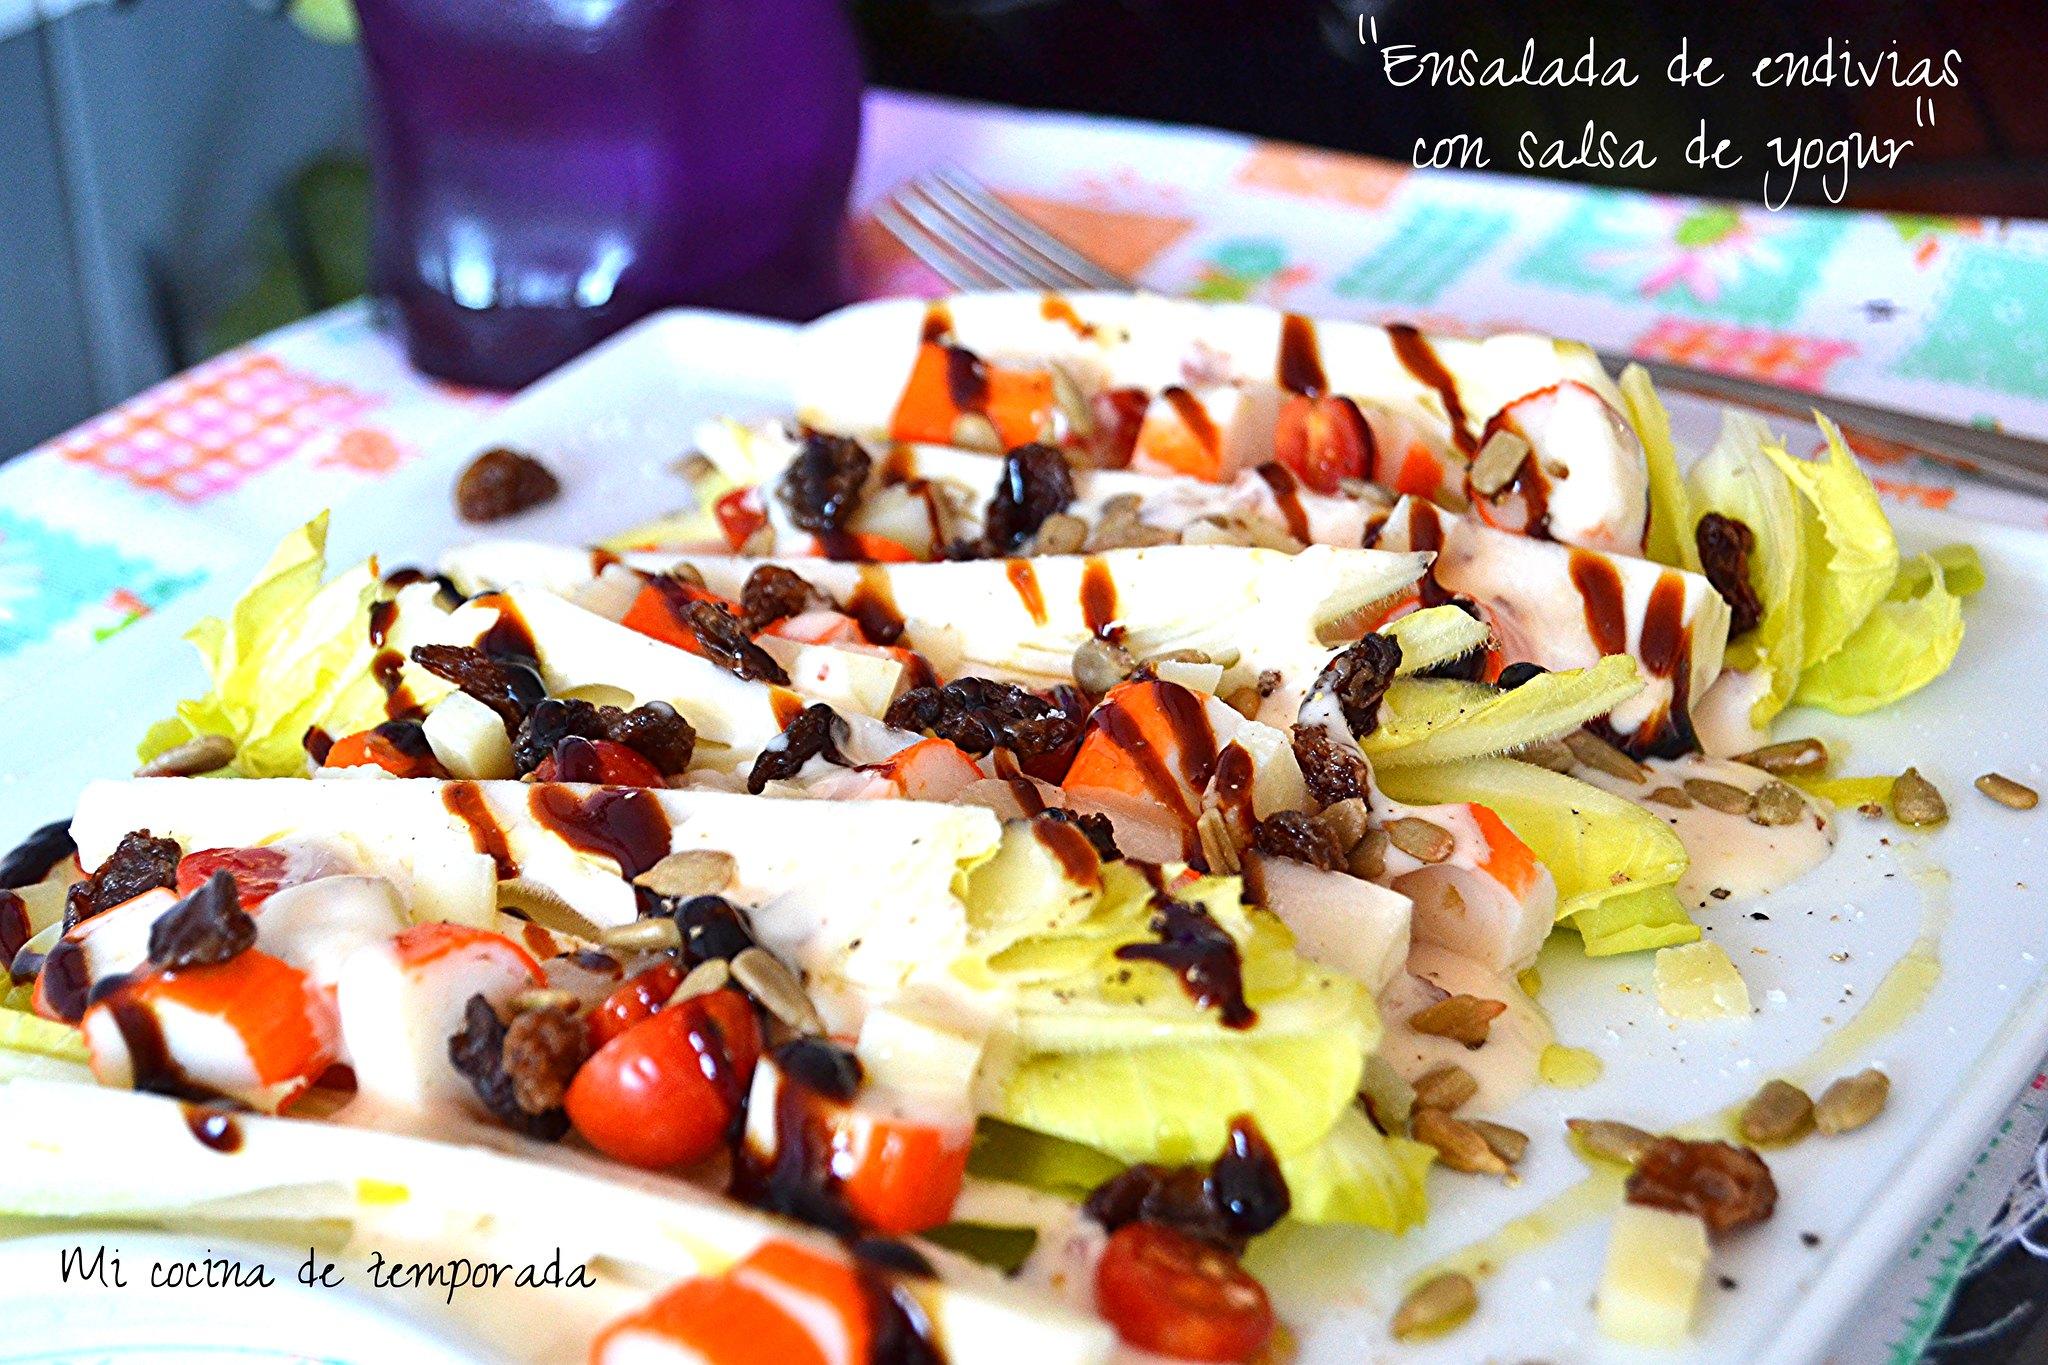 Ensalada De Endivias Con Salsa De Yogur Mi Cocina De Temporada